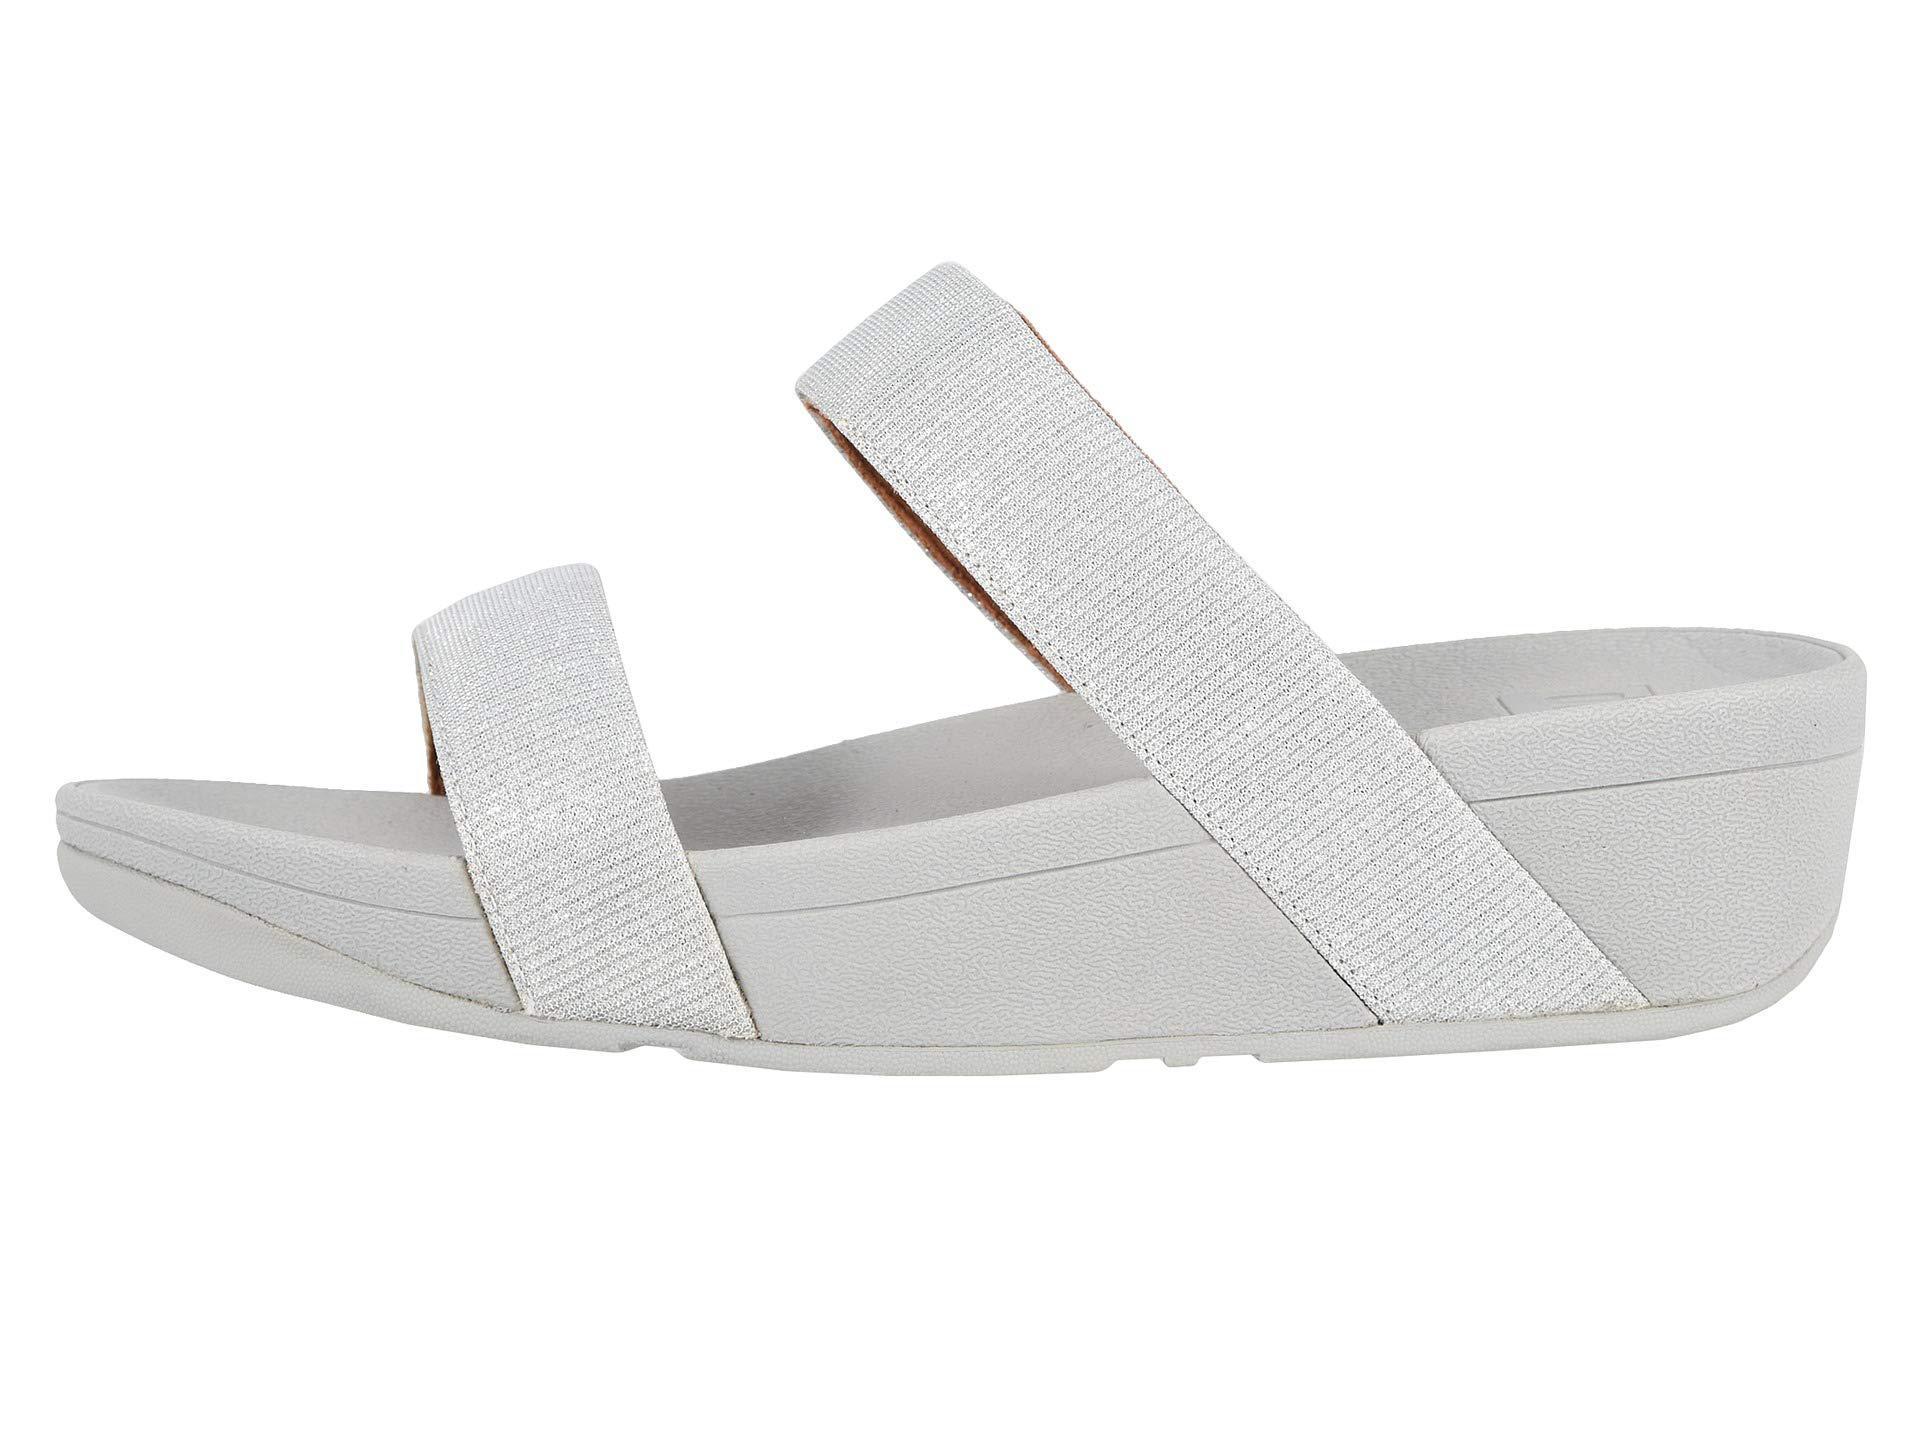 32bc899bd Lyst - Fitflop Lottie Glitzy Slide (black) Women s Shoes in Metallic